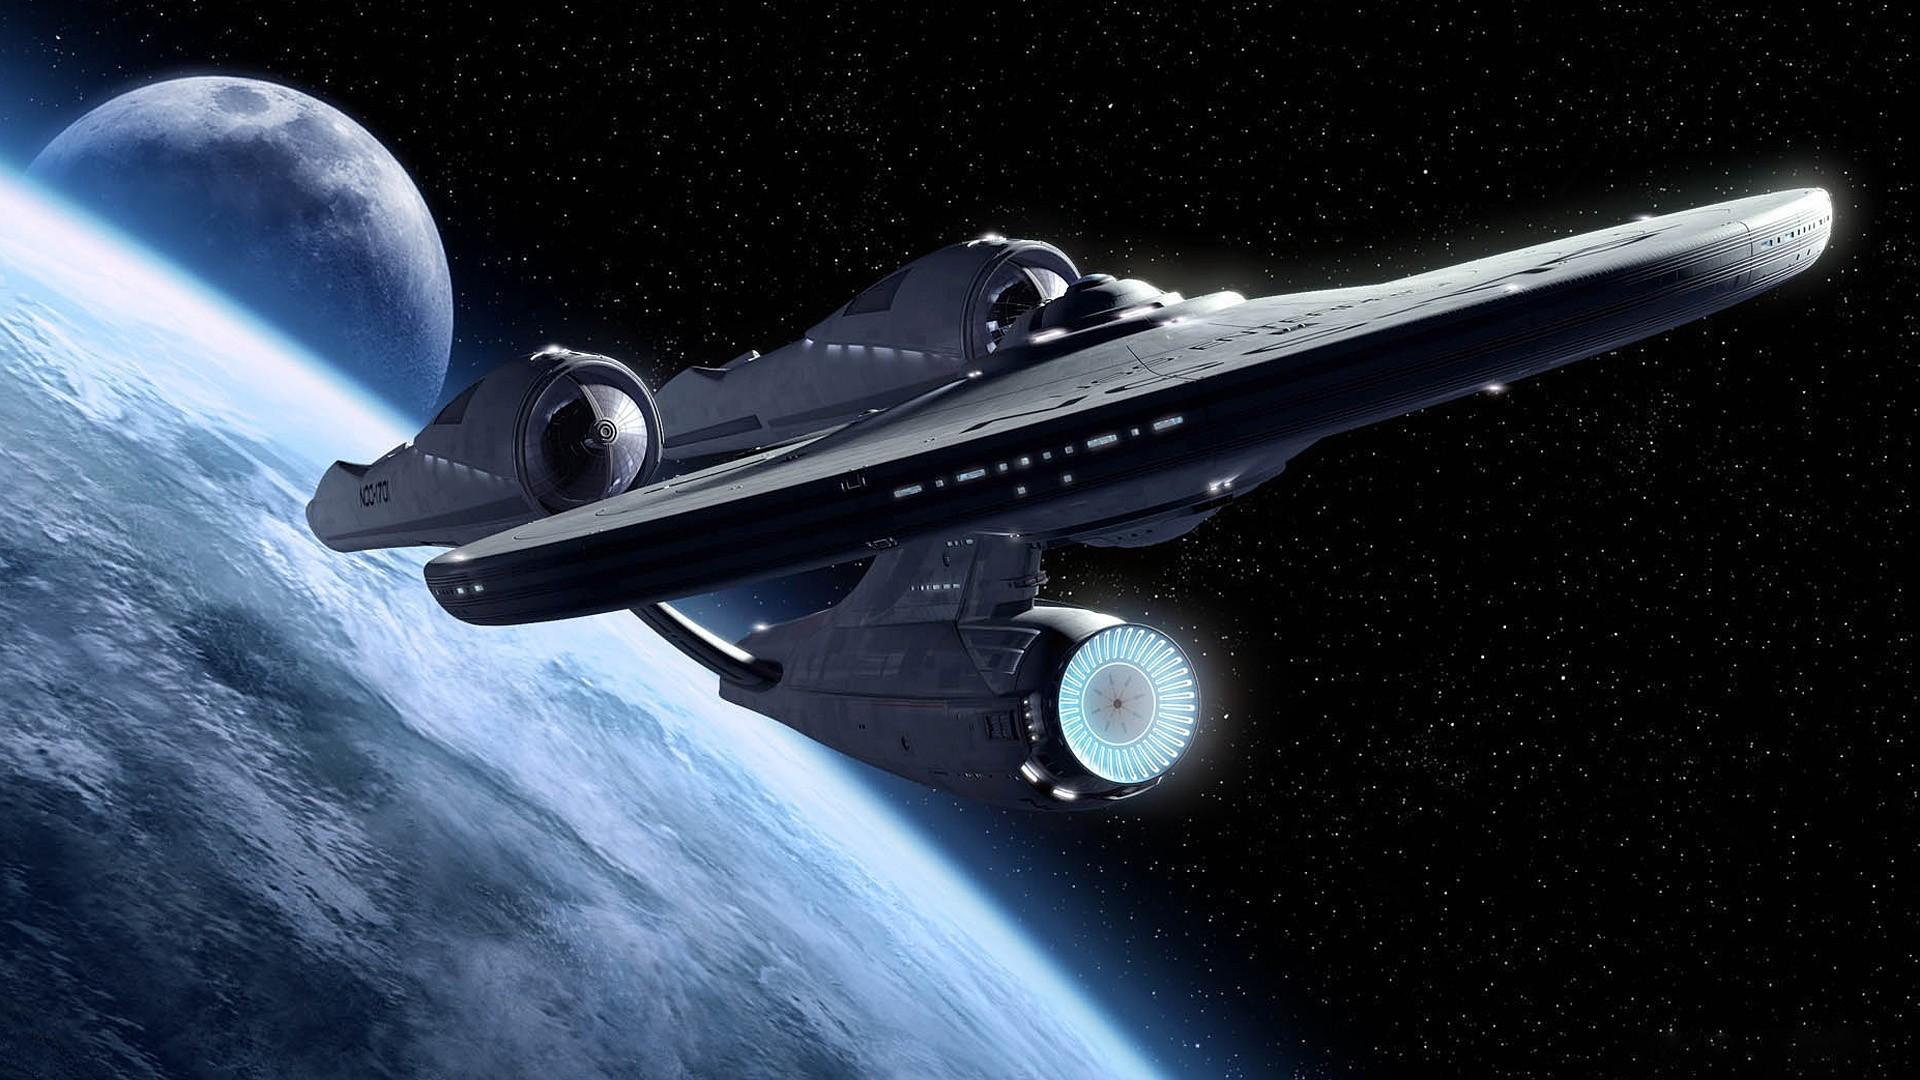 star-trek-enterprise-1920x1080-wallpaper